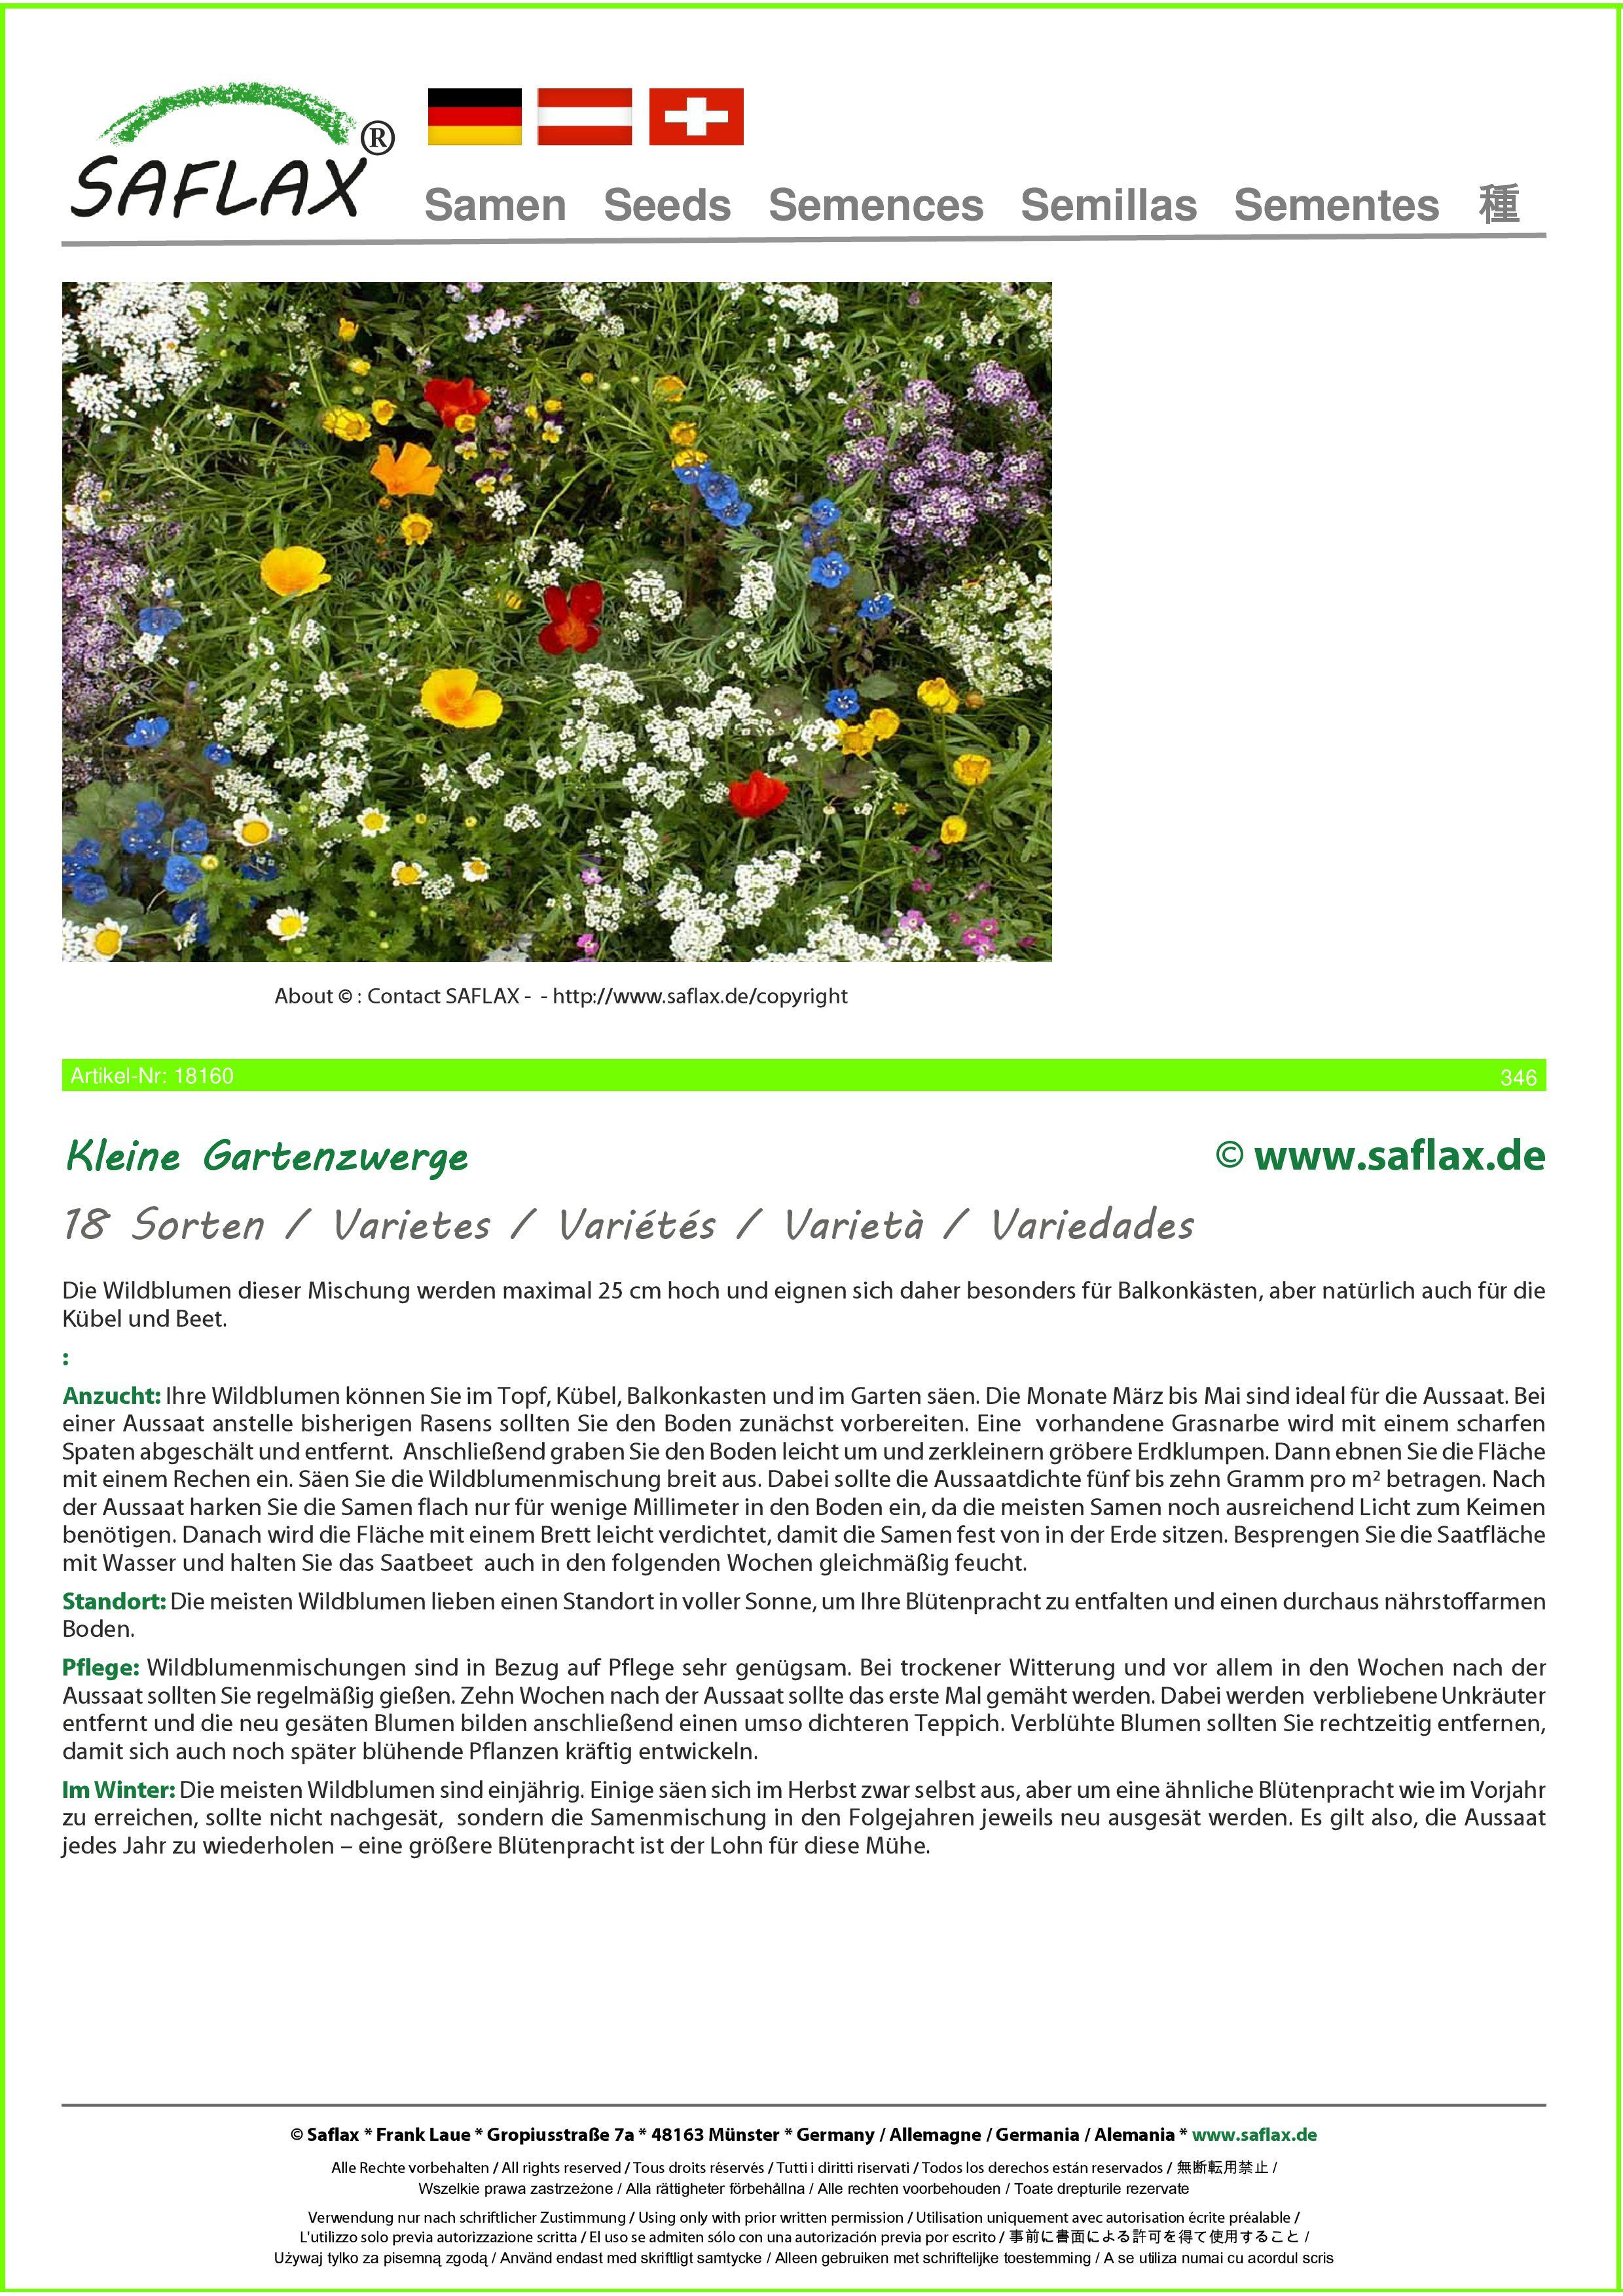 Wildblumen: Kleine Gartenzwerge 1000 Samen SAFLAX 18 Sorten